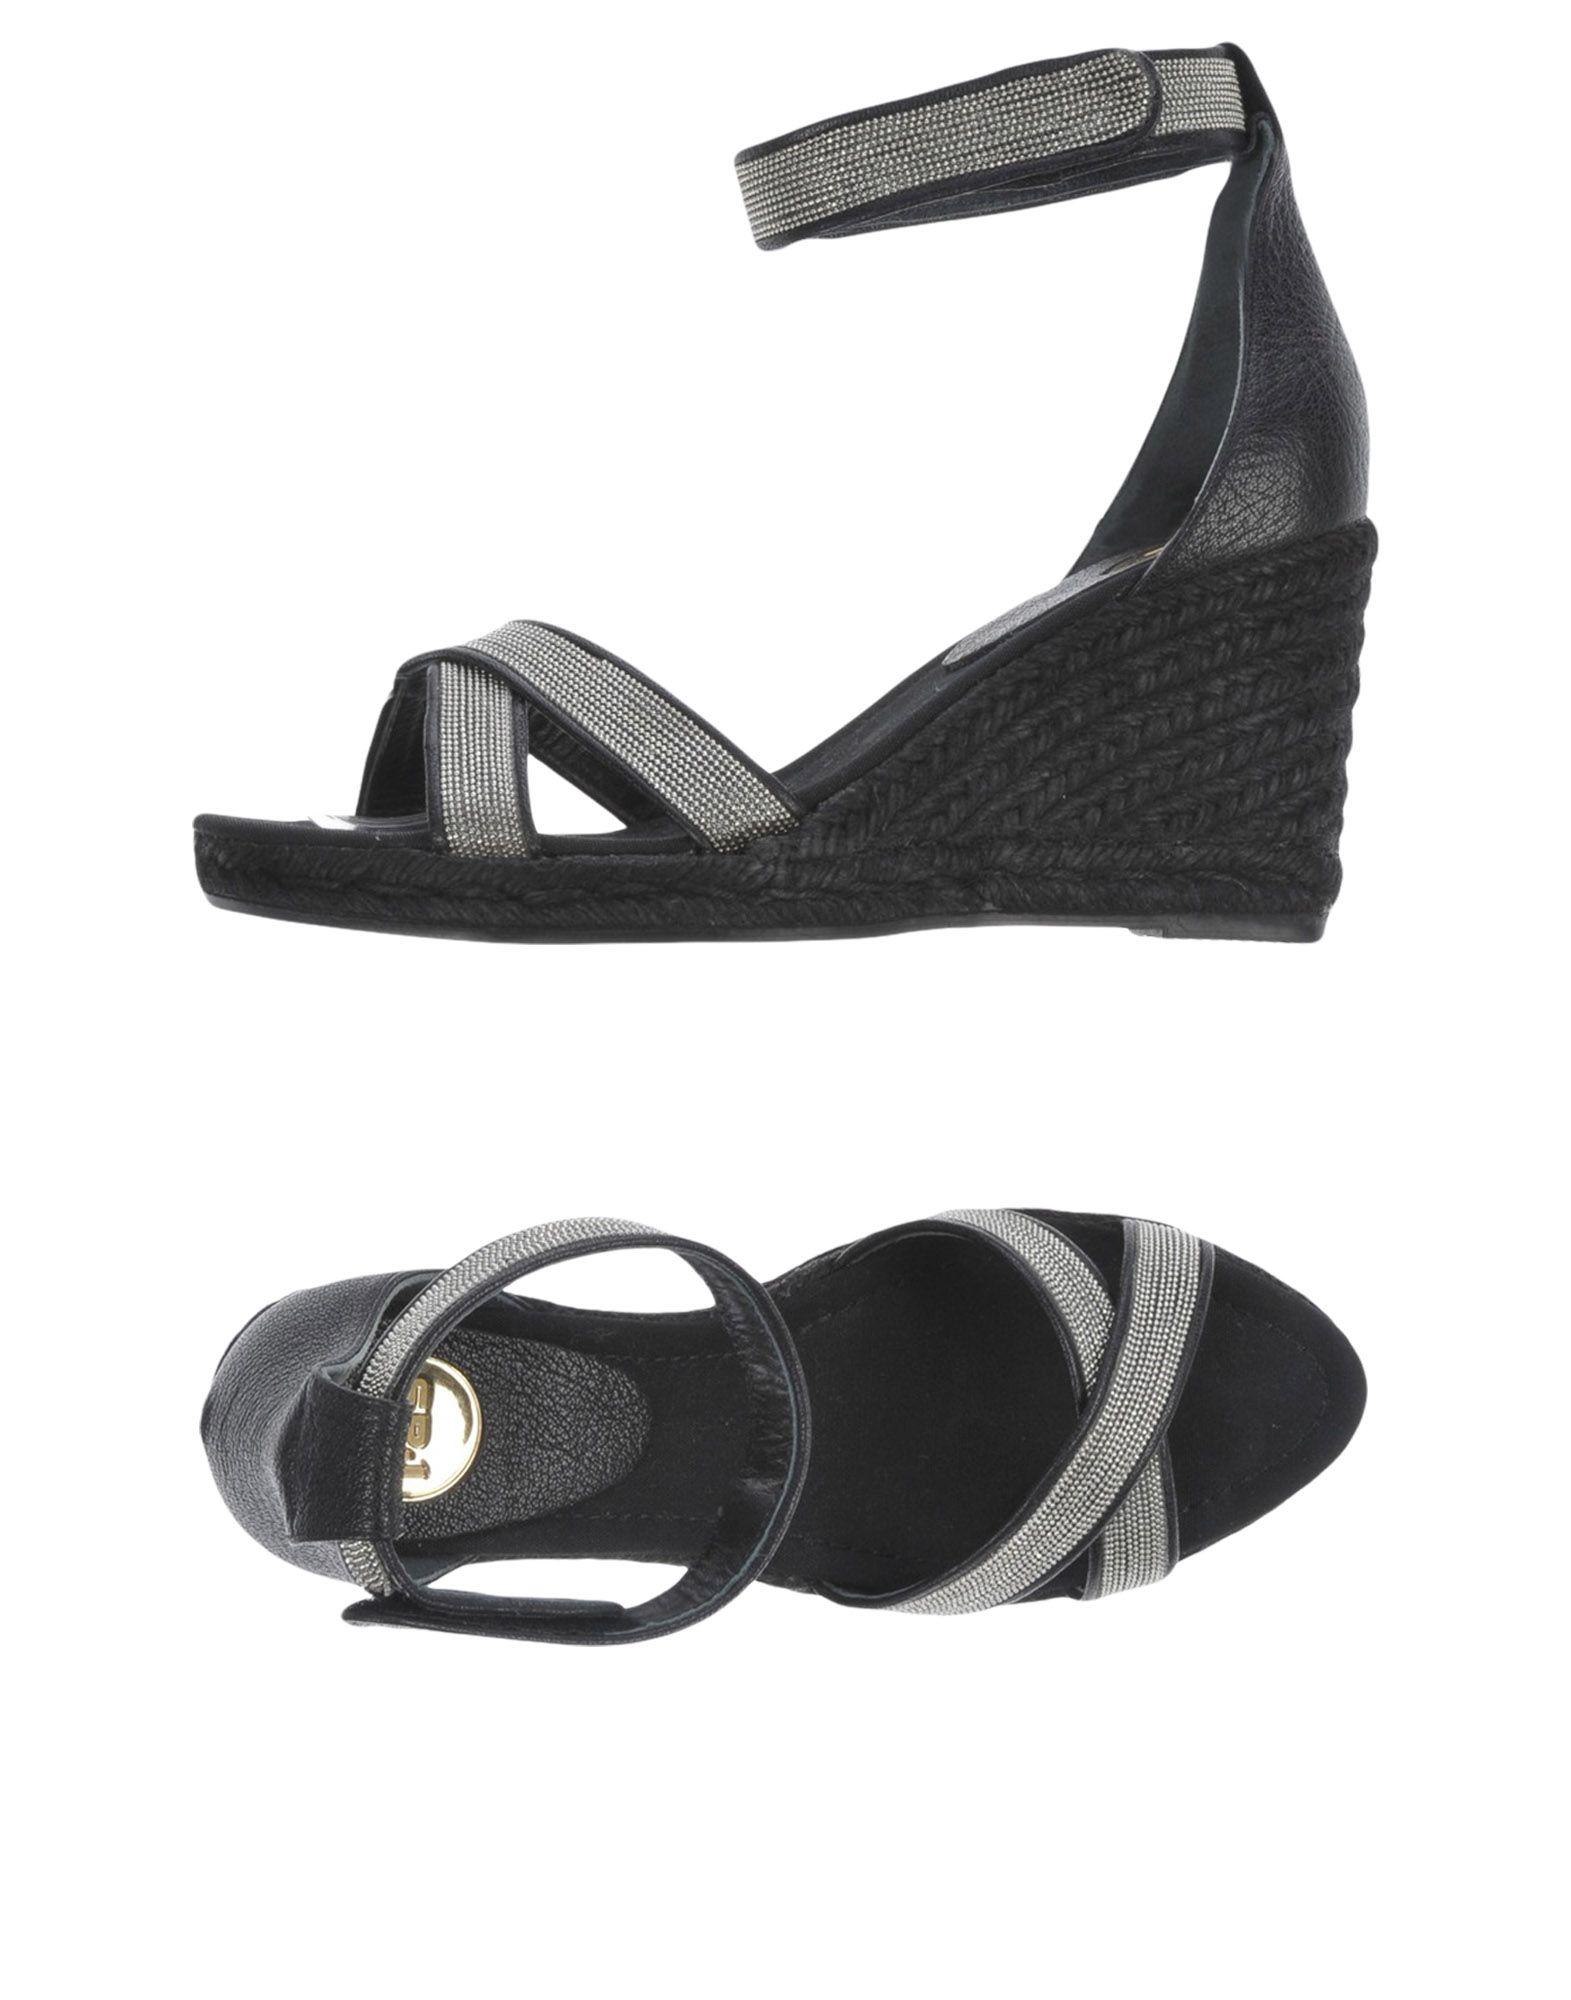 ar sandales - femmes ar sandales en en en ligne le royaume - uni - 11462985bm a6545e